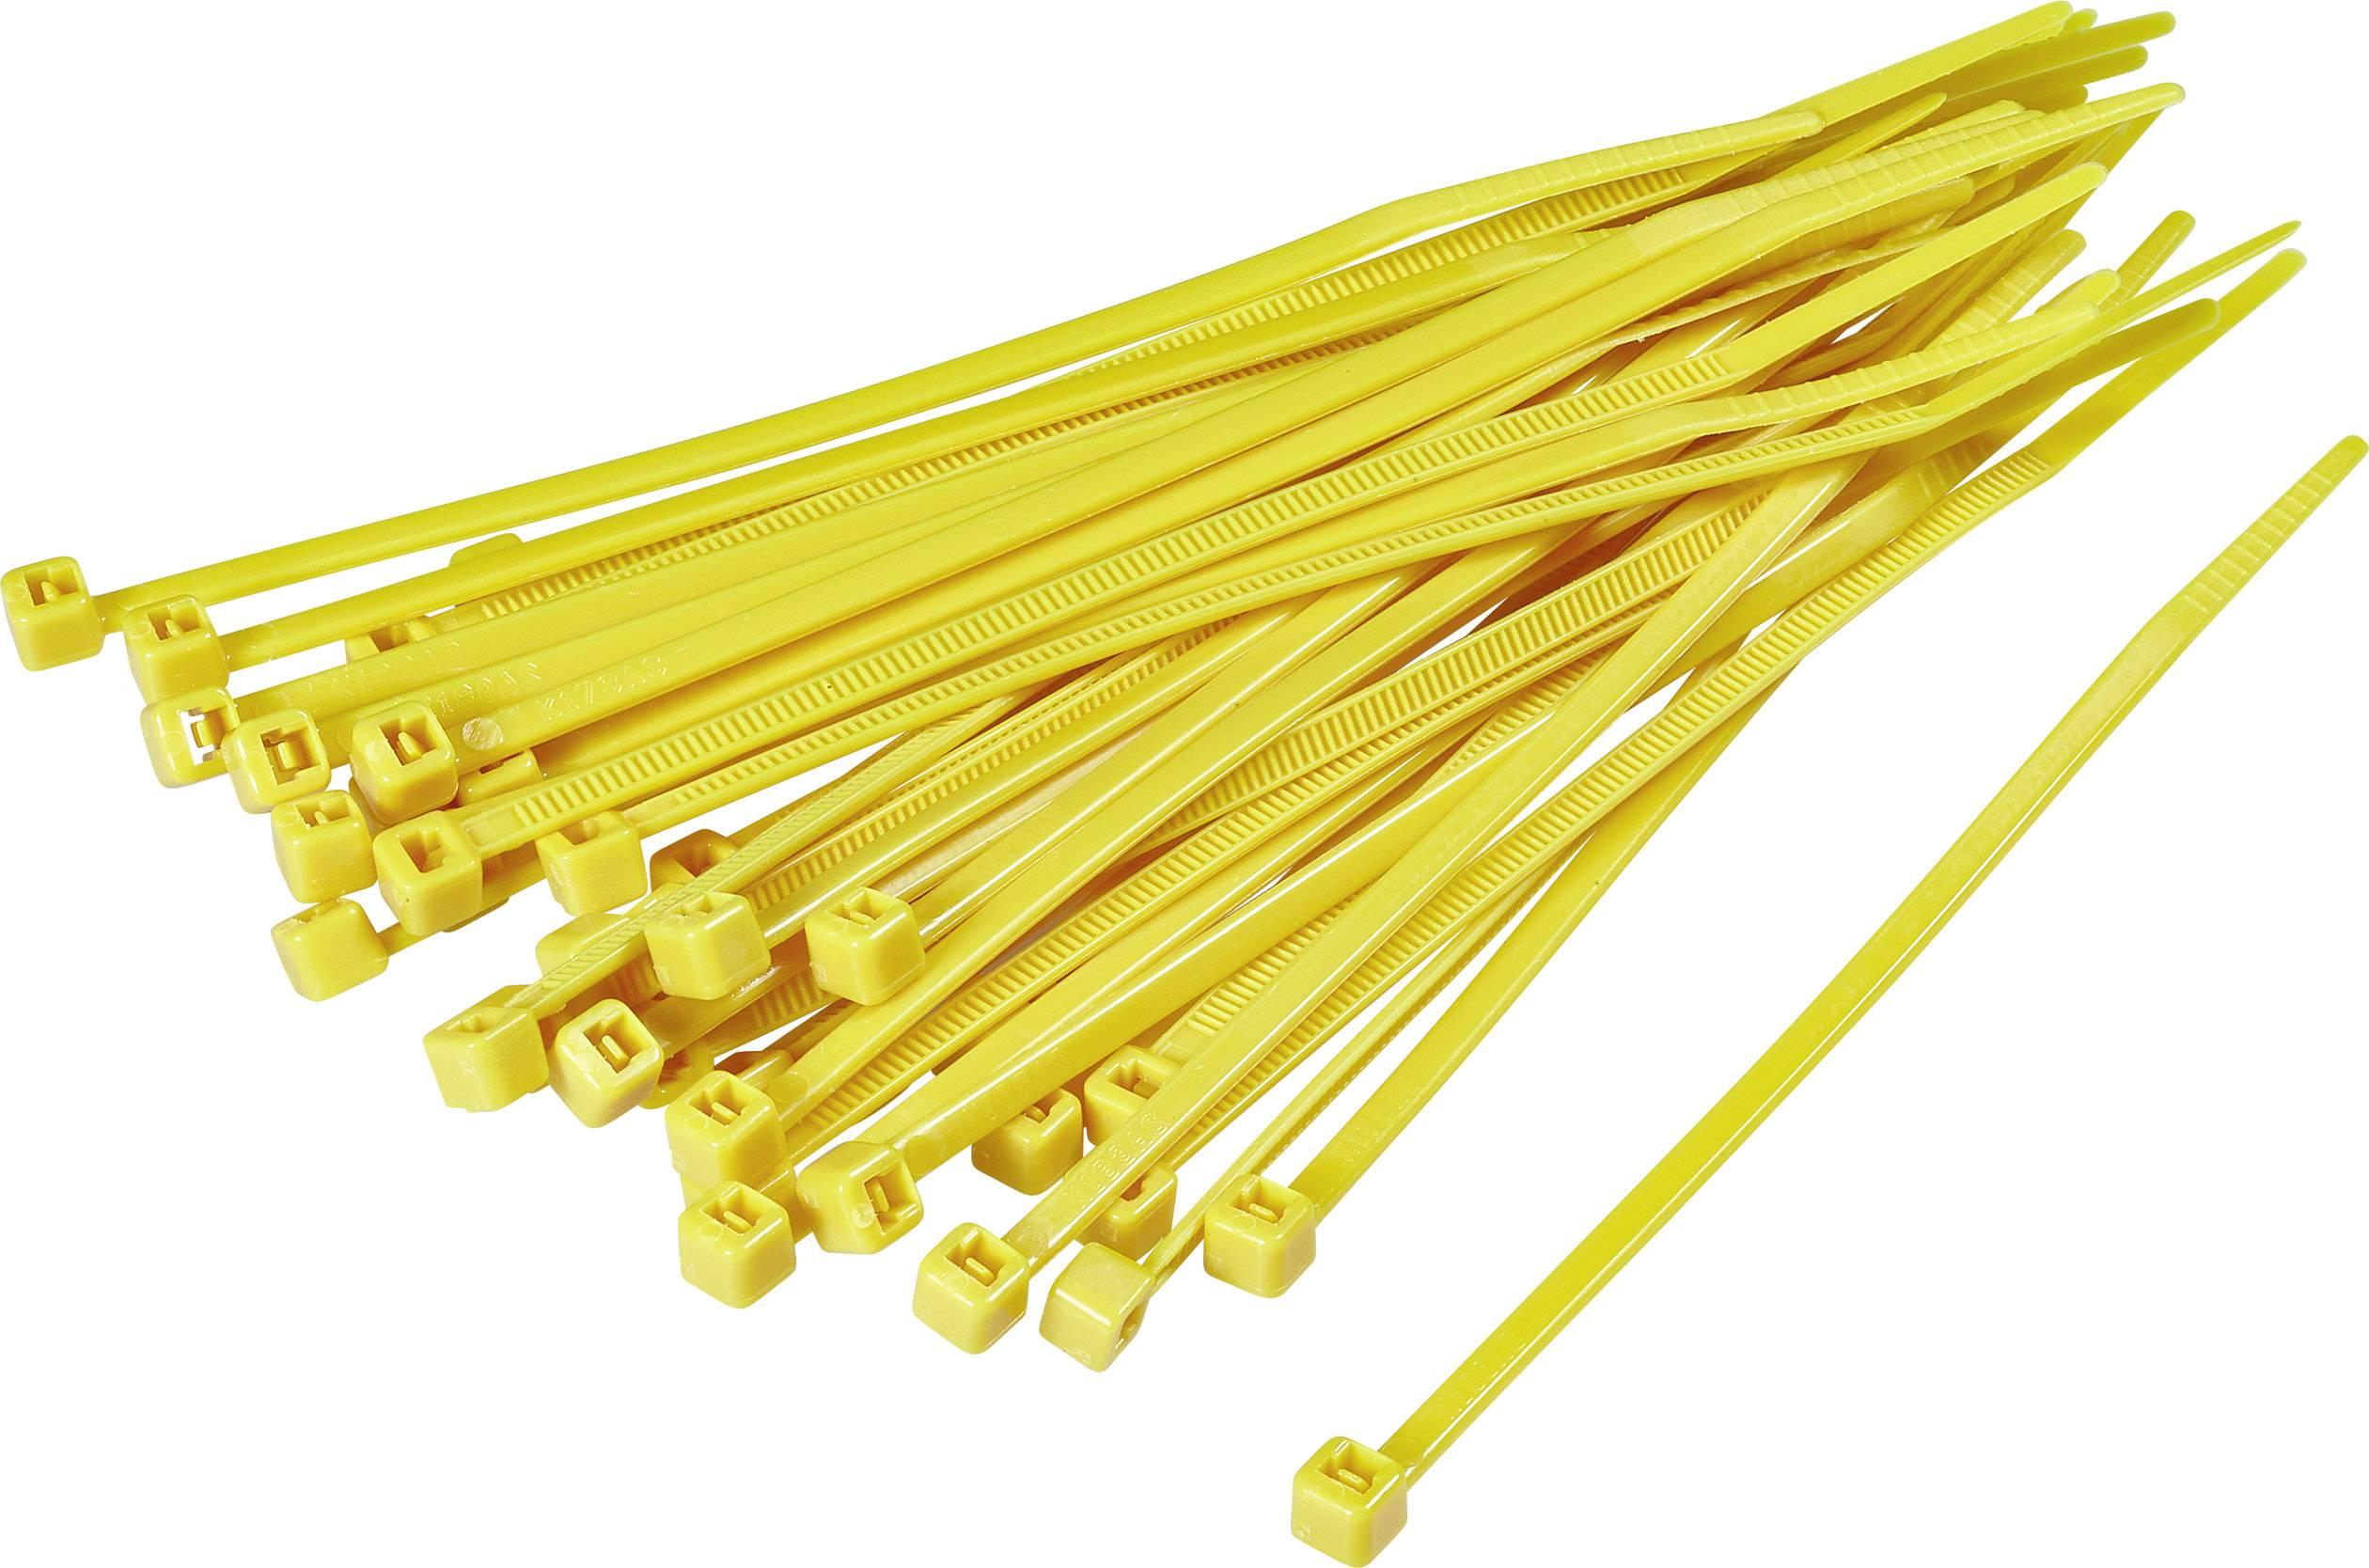 Sťahovacie pásky KSS CV200M 1369084, 203 mm, žltá, 100 ks